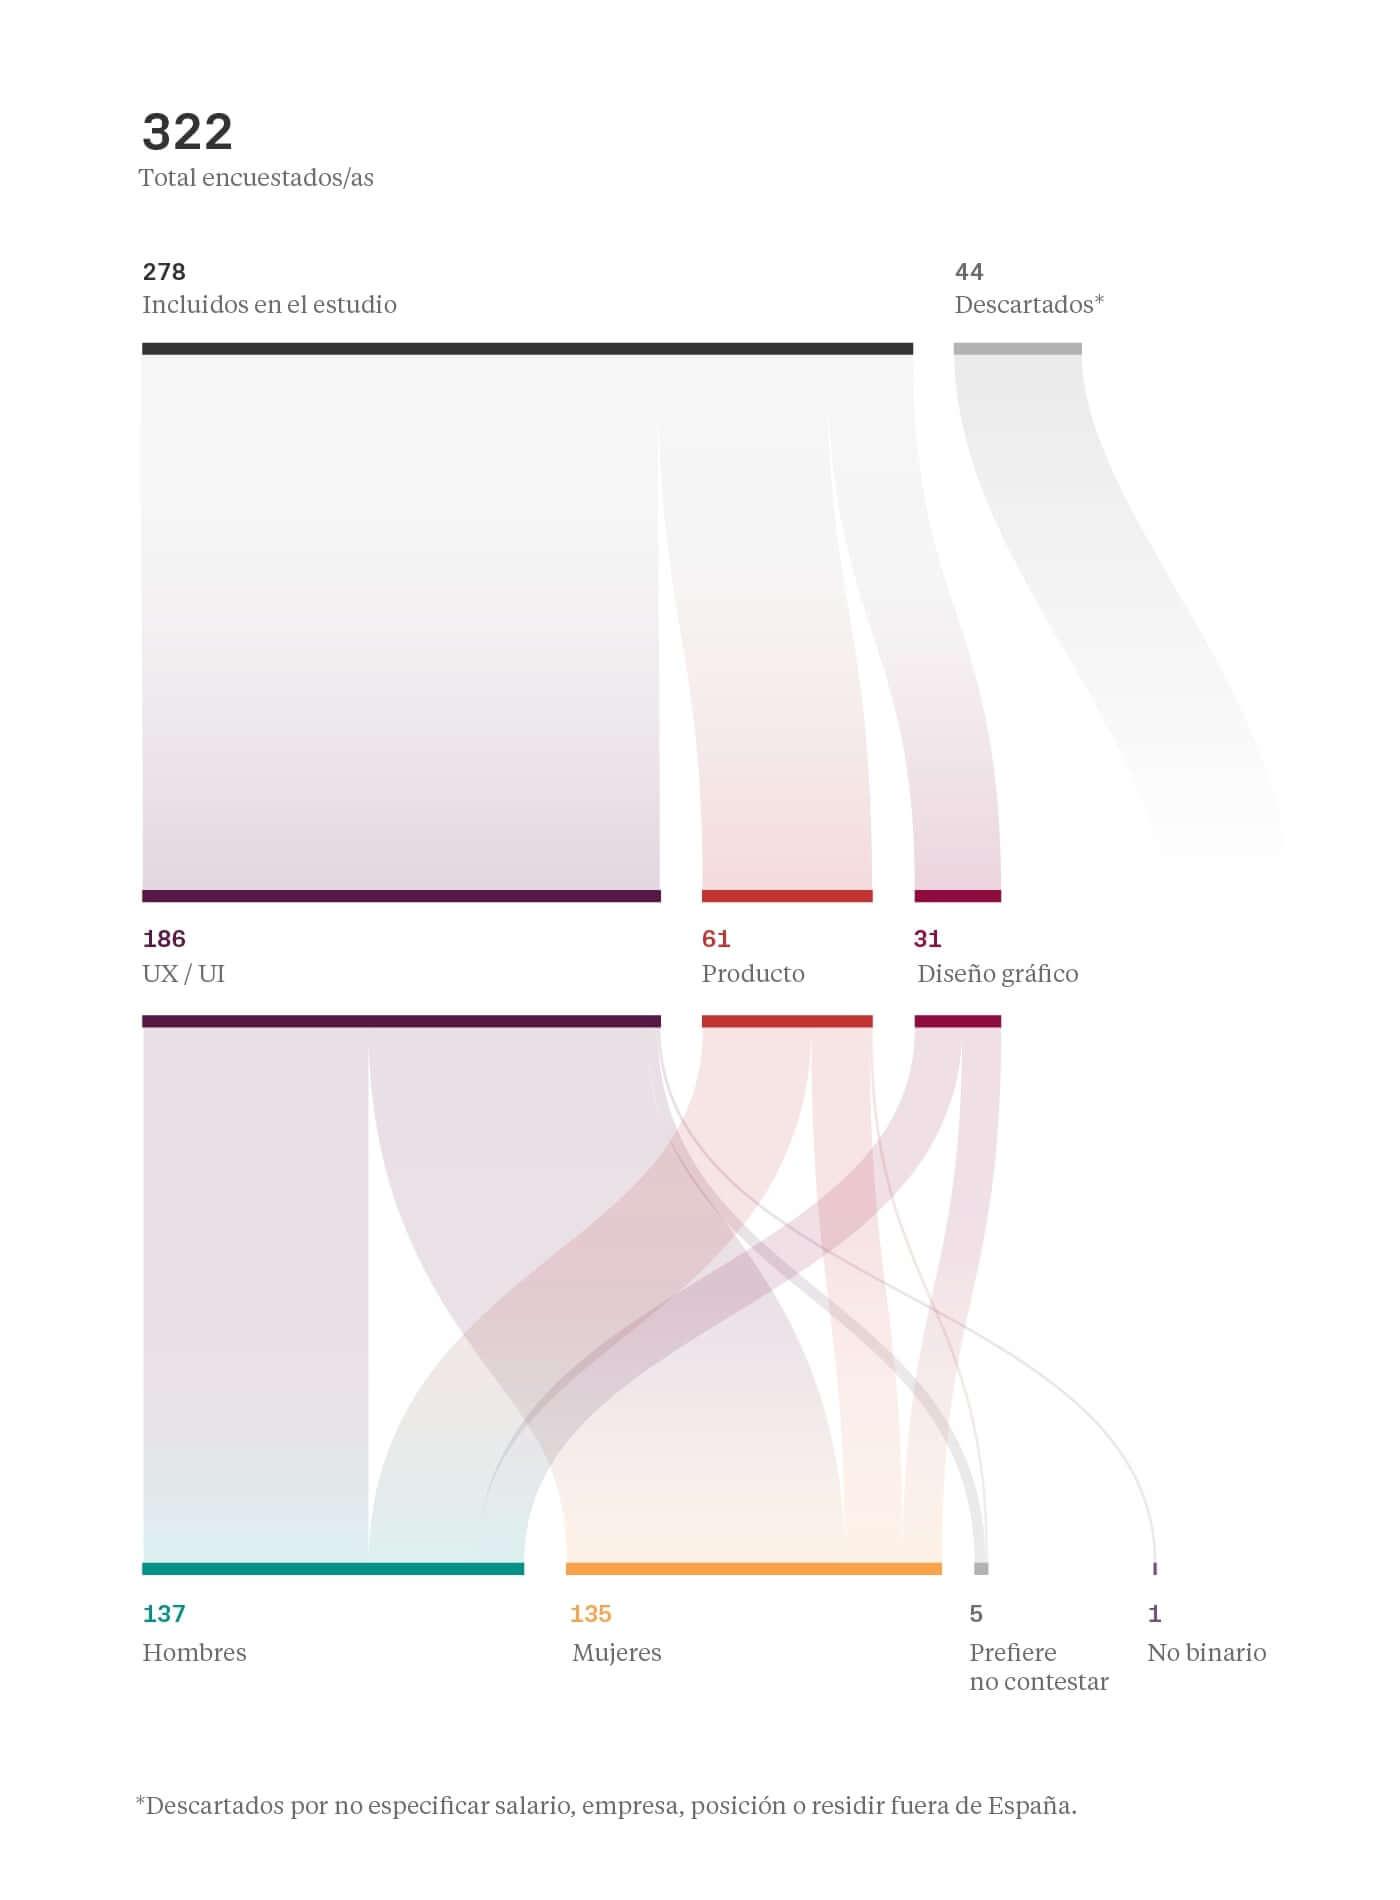 Perfil encuestados - Salarios diseño UI/UX España 2019